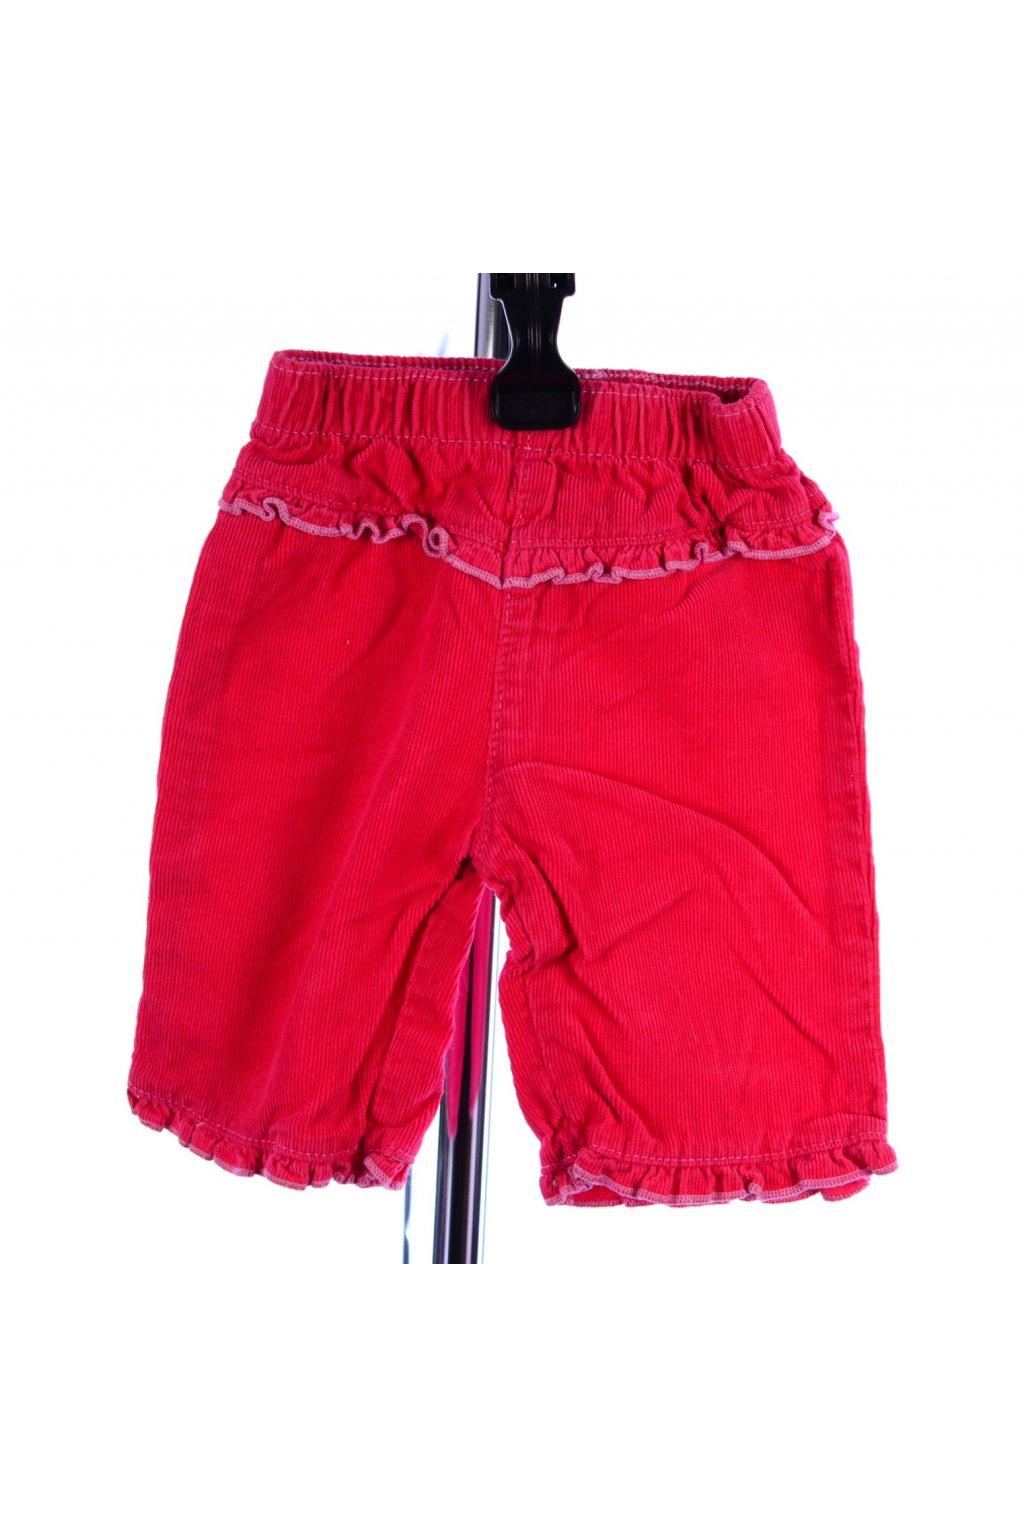 Kalhoty manšestrové F&F růžové vel. 56